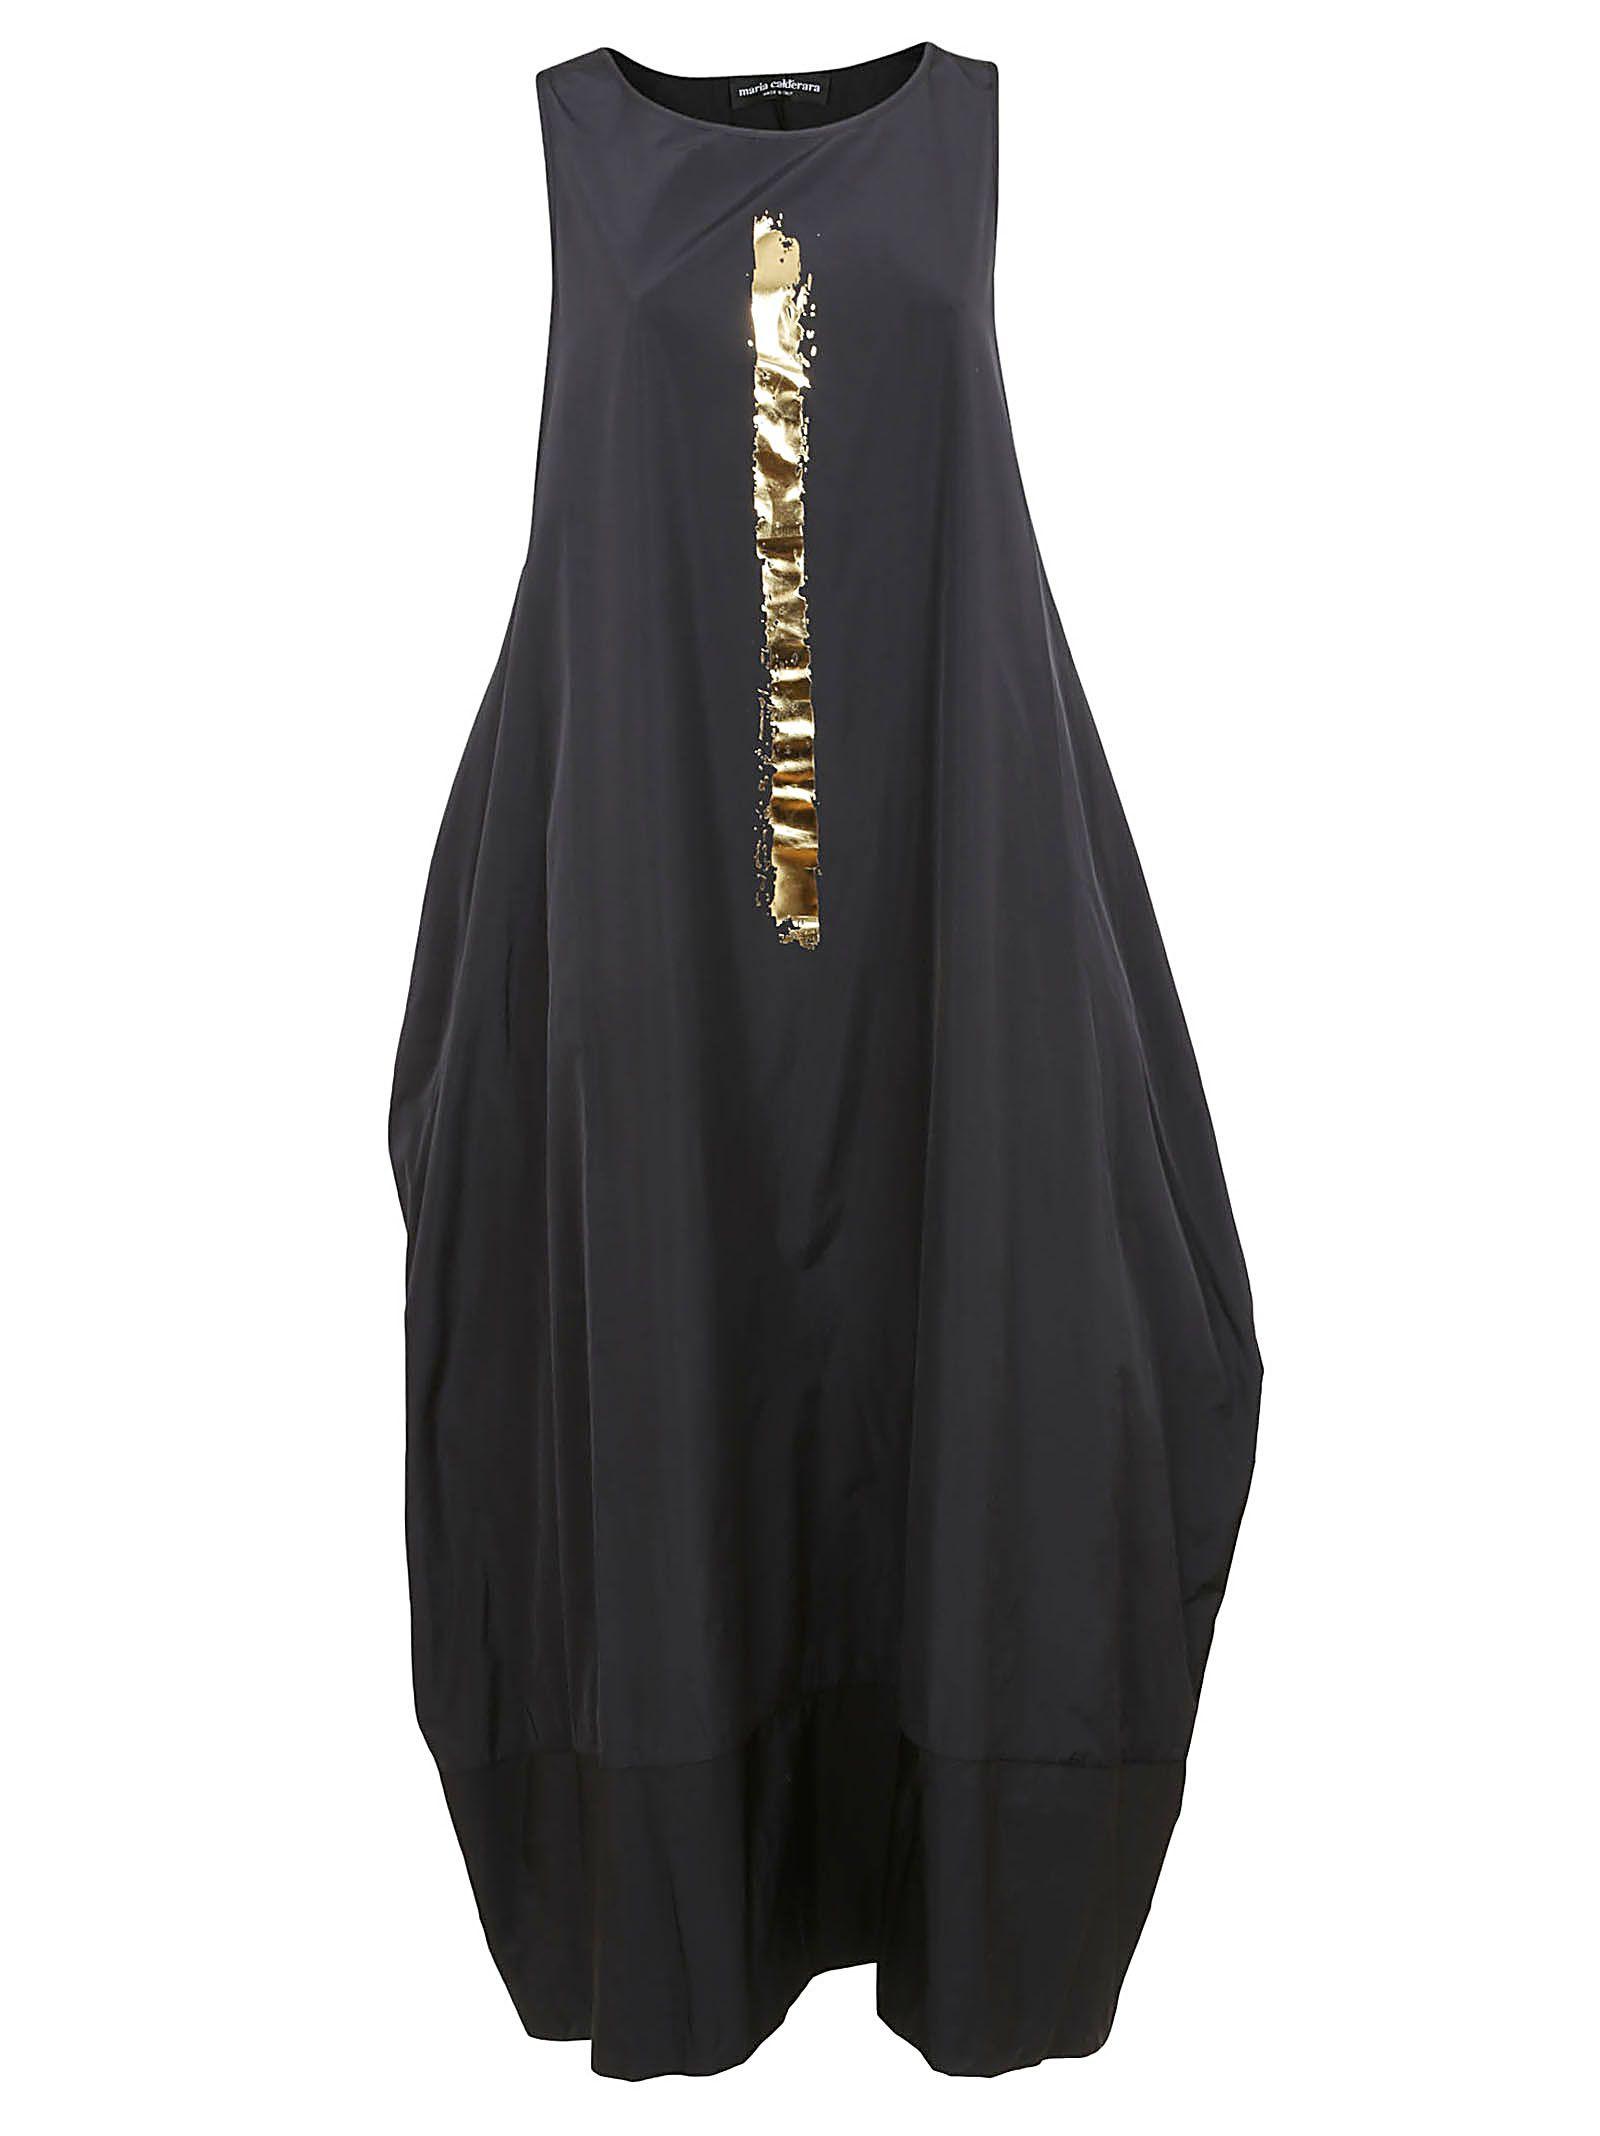 MARIA CALDERARA Taffeta Dress in Black